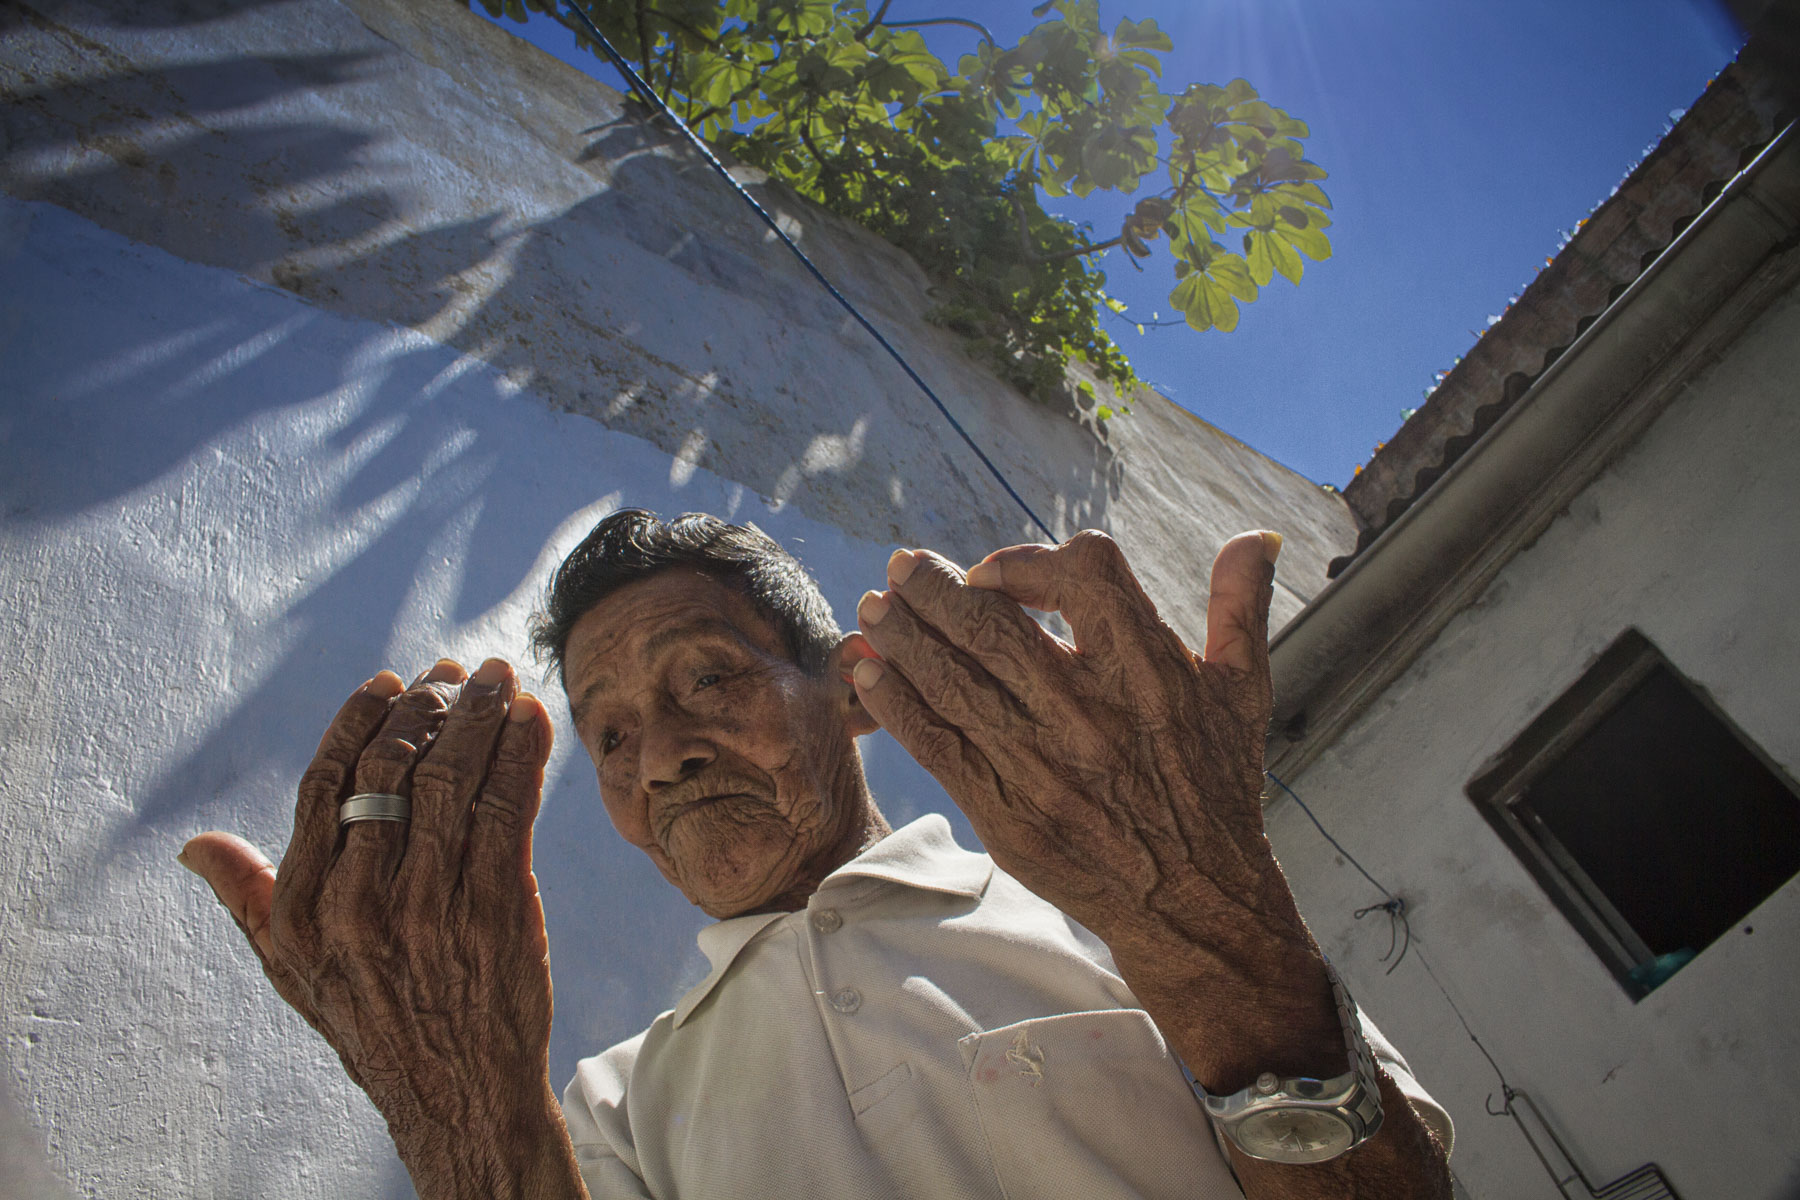 Manuel Lima no Centro de Medicina Indígena de Manaus: para pajé da etnia tucuia, medicalização dos brancos está transformando a todos - indígenas e não indígenas - em dependentes químicos (Foto: Alberto César Araújo/Amazônia Real)